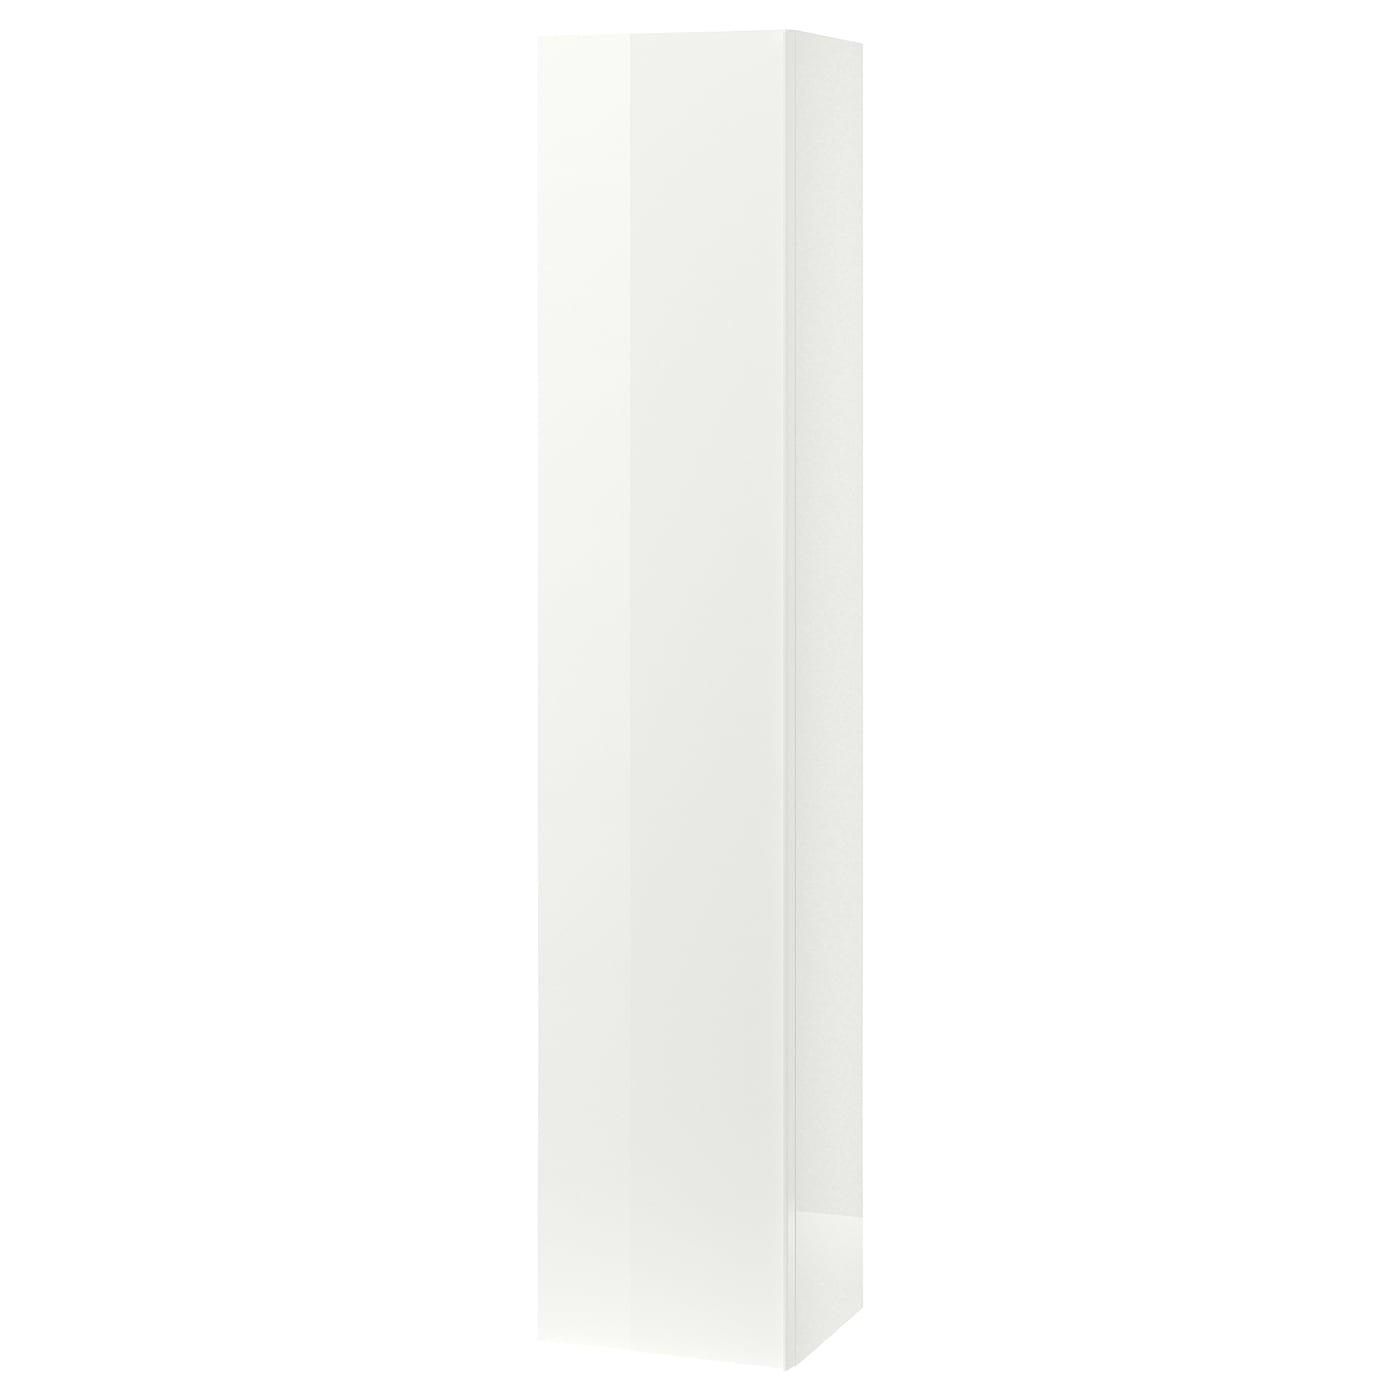 GODMORGON Hochschrank - Hochglanz weiß 8x8x8 cm